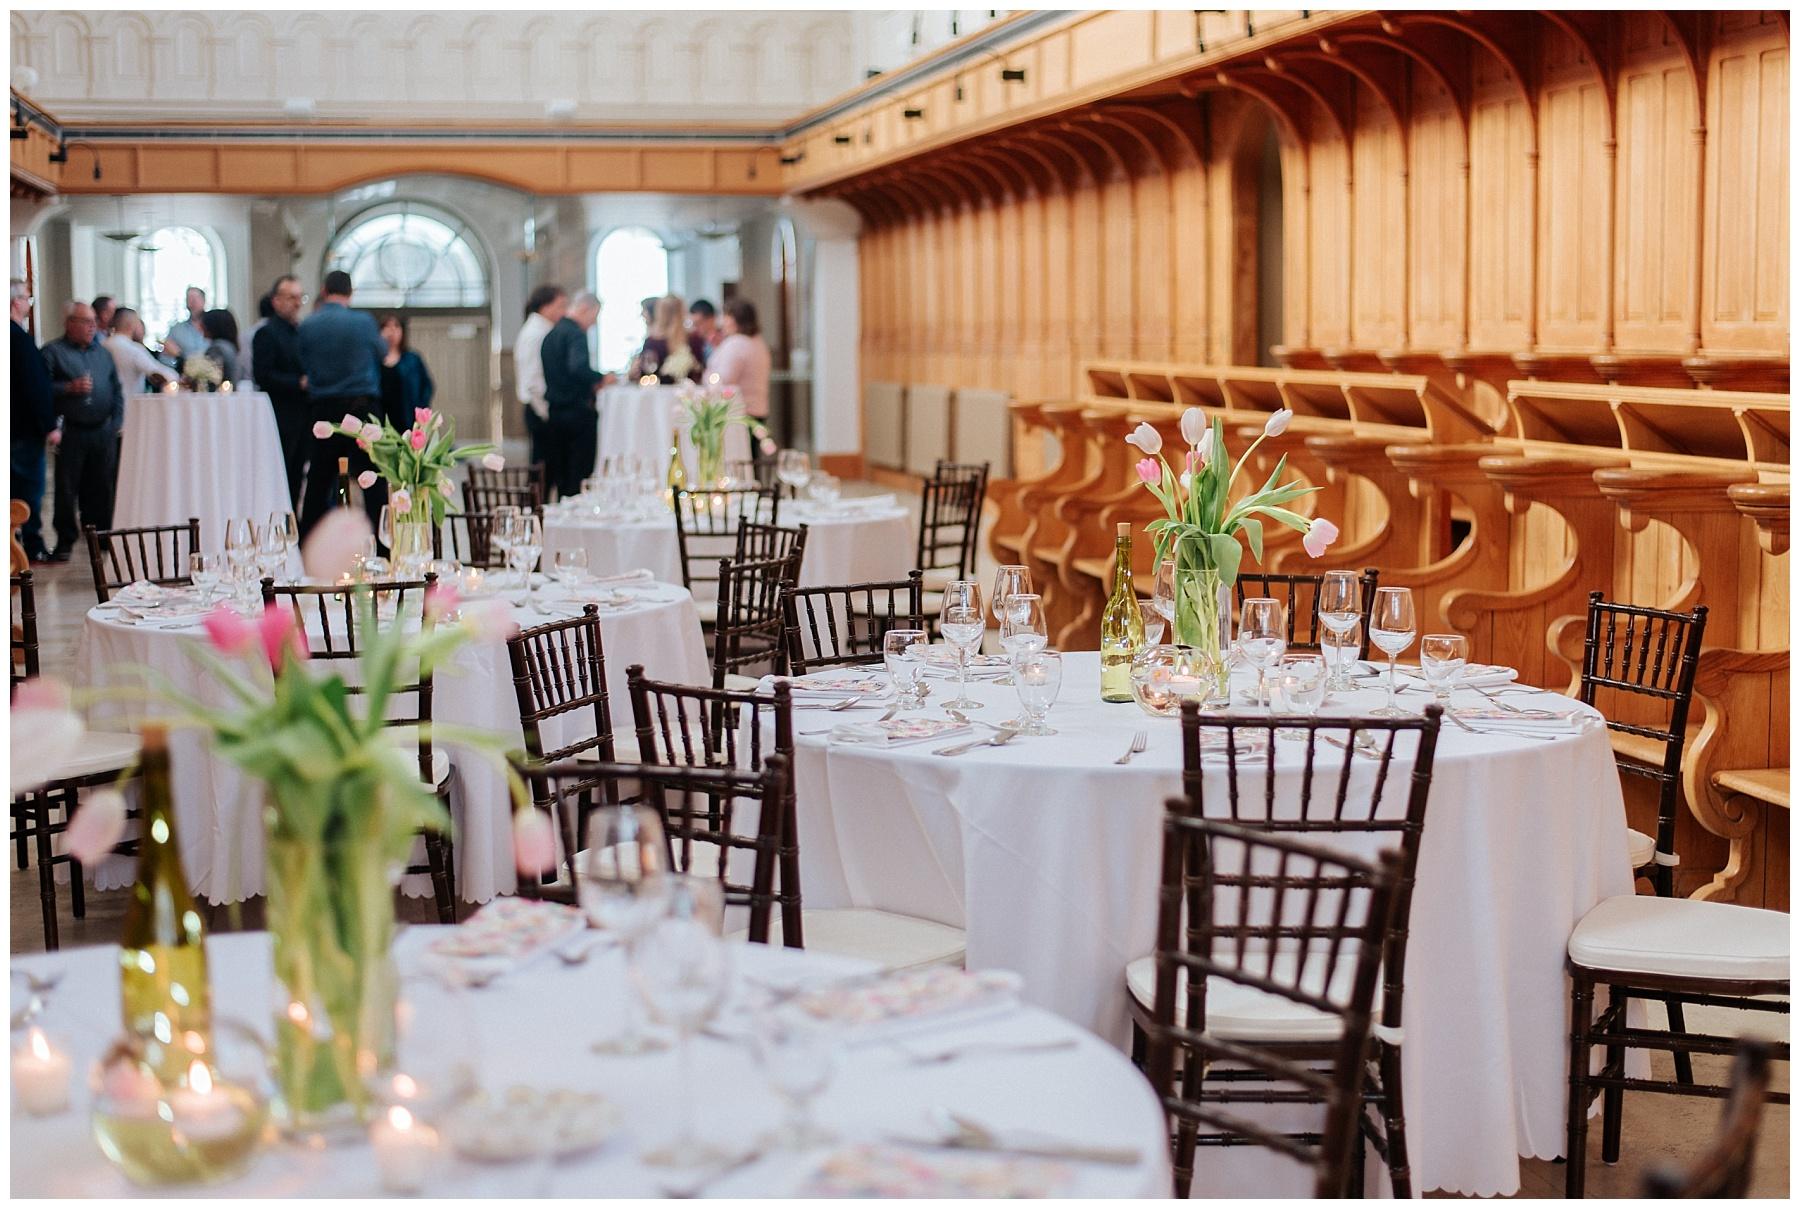 Des tulipes décorent les tables de la salle de réception de l'Abbaye d'Oka alors que des chaises chiavari brunes attendent les invités.